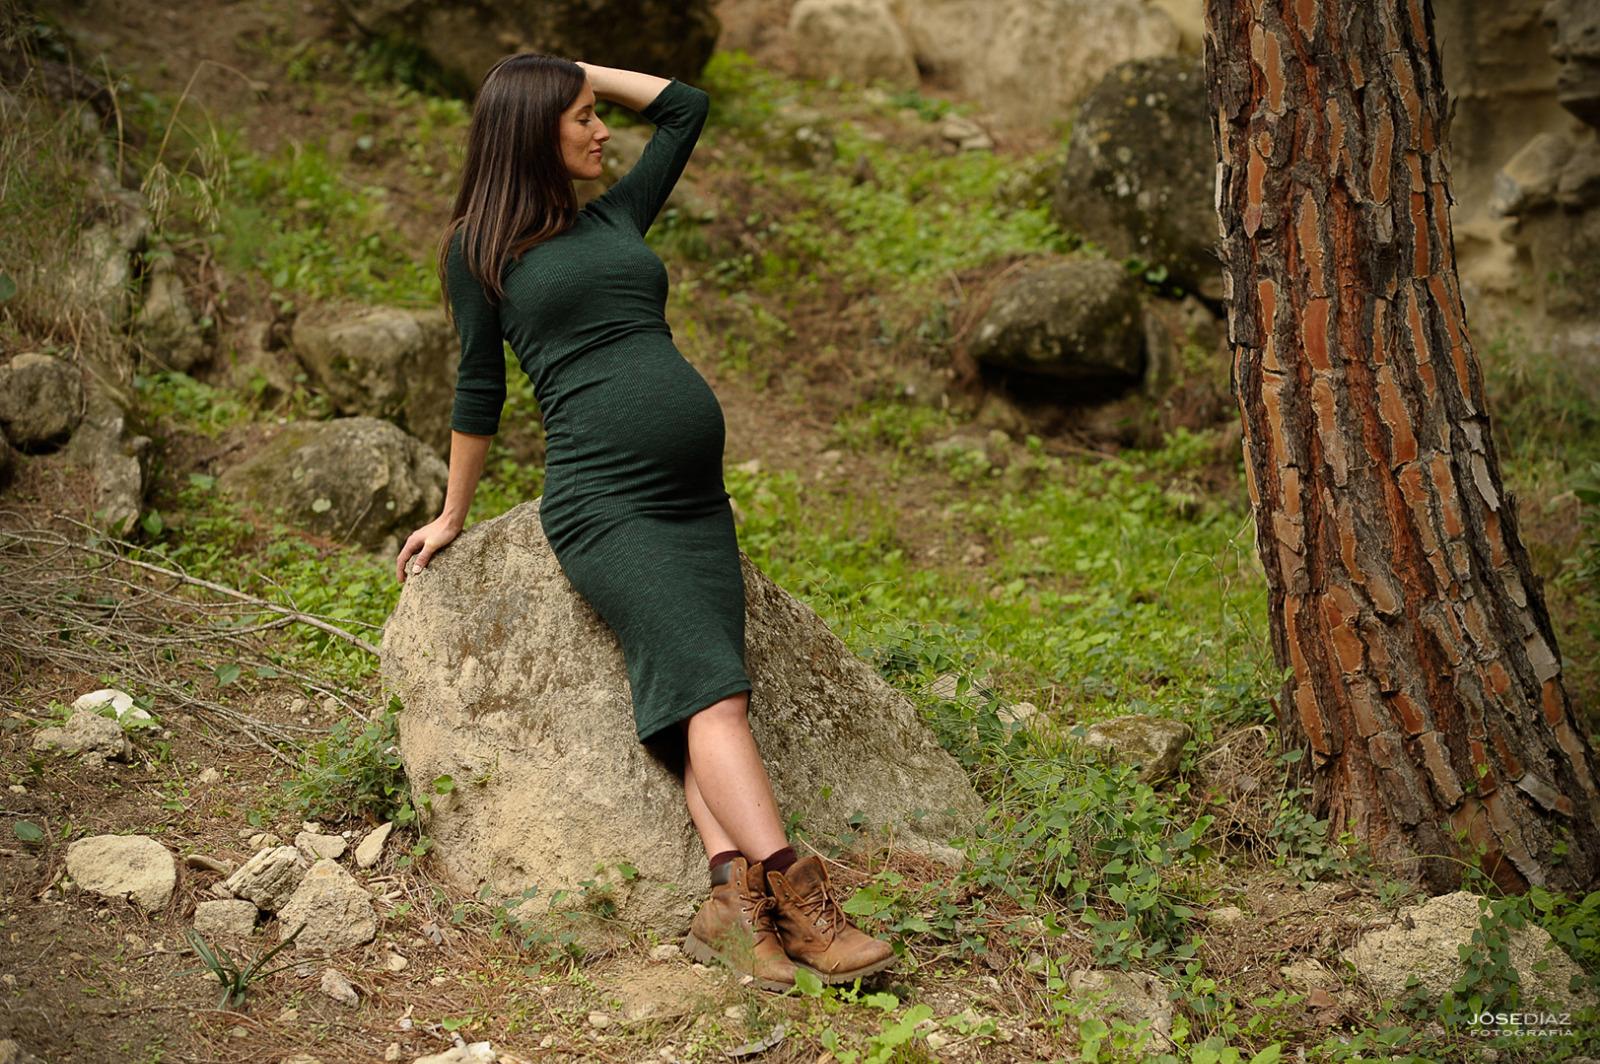 embarazada, fotografía de reportaje premamá, fotografía en el campo, fotógrafo Jose Díaz